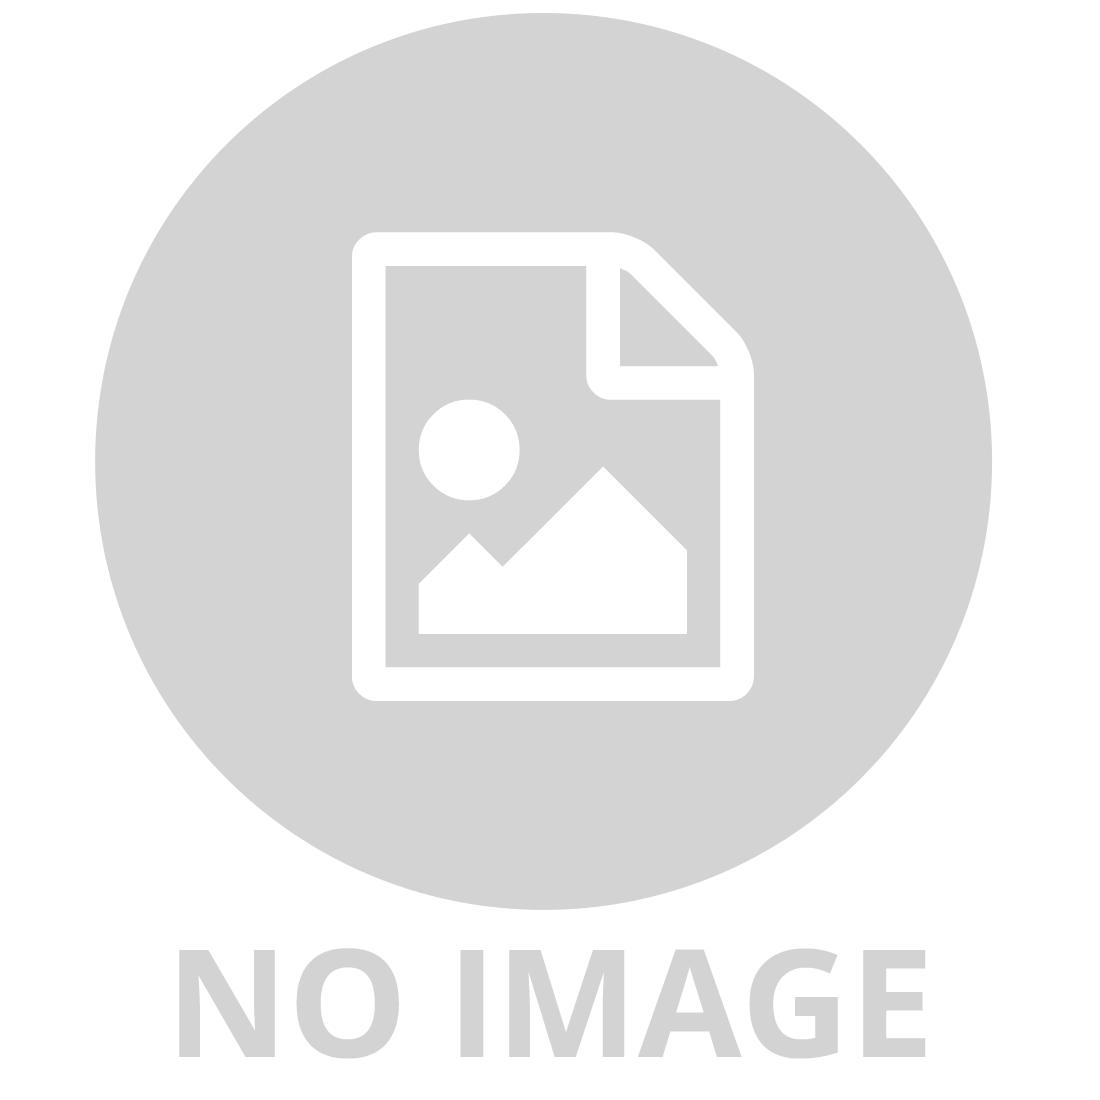 METAL WORX MOTORBIKE KIT